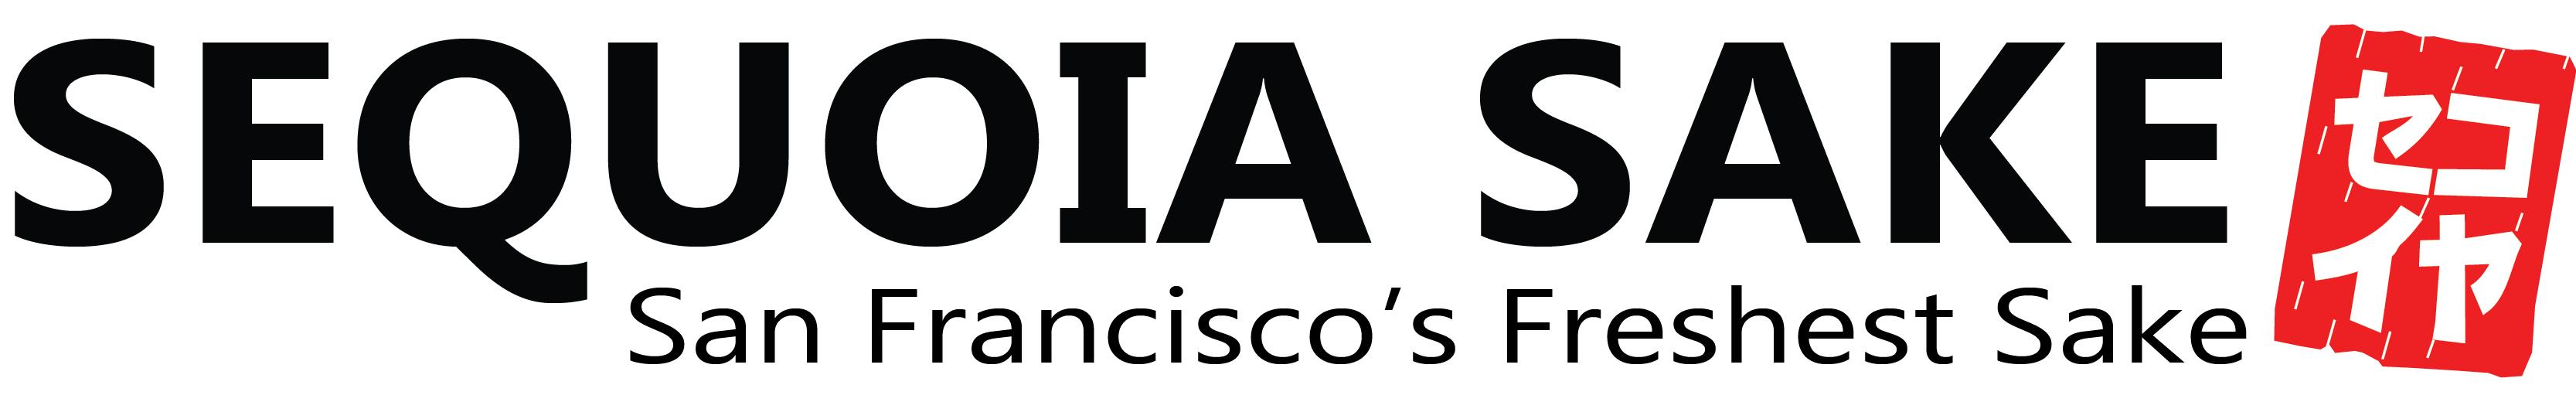 sequoia_sake_logo